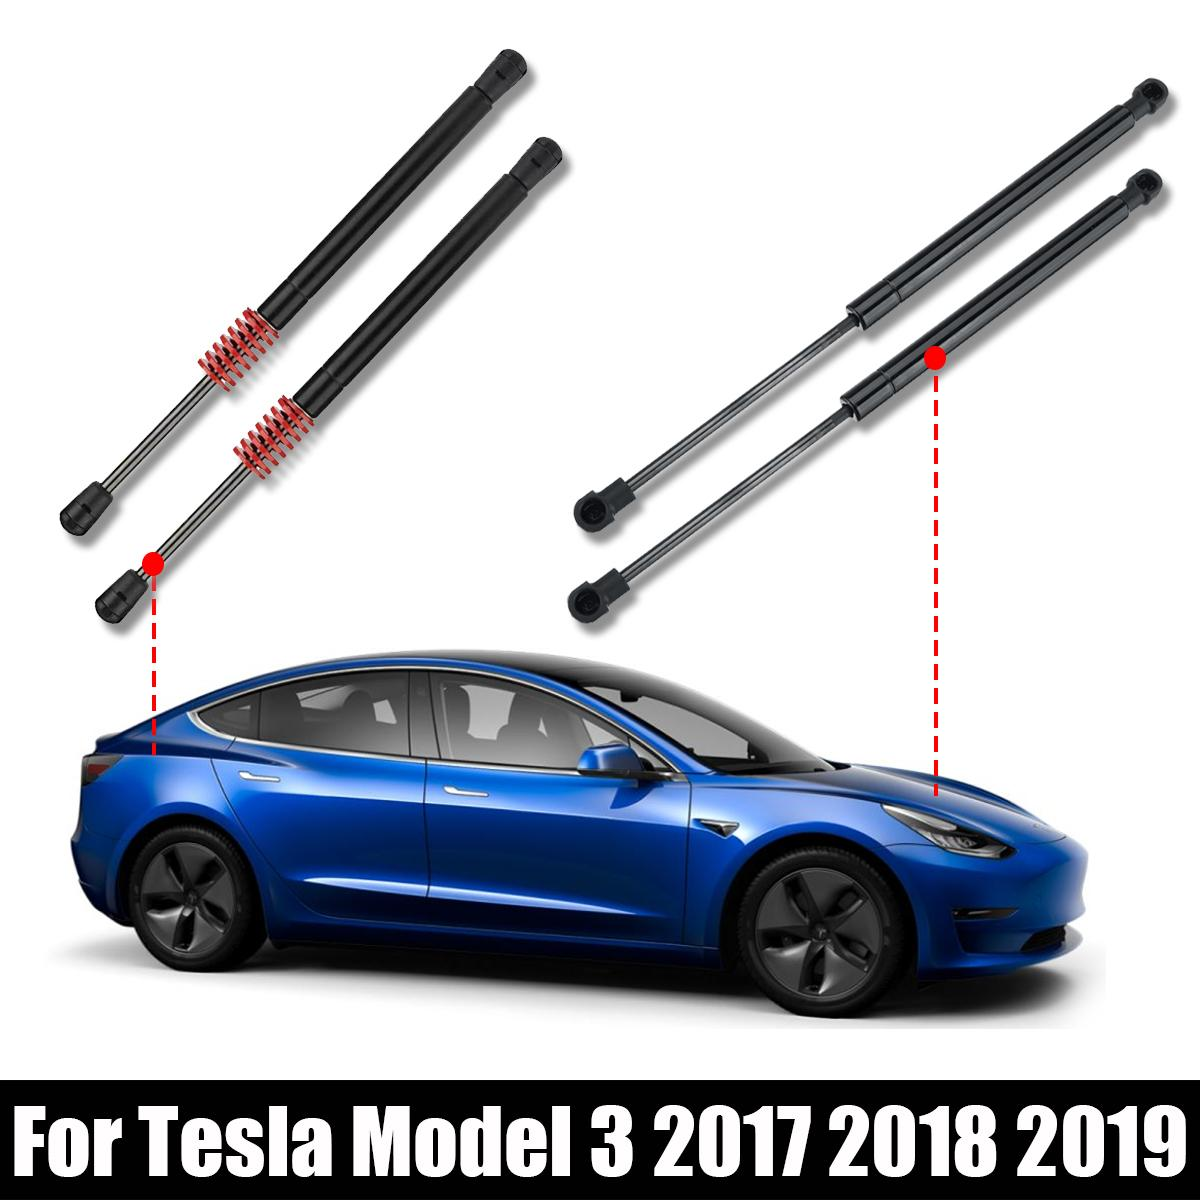 YENI 2X Ön/Arka Gövde Kapısı Bagaj Kapağı Önyükleme Gaz Bahar Şok Kaldırma Desteğİ Tesla Model 3 2017 2018 2019